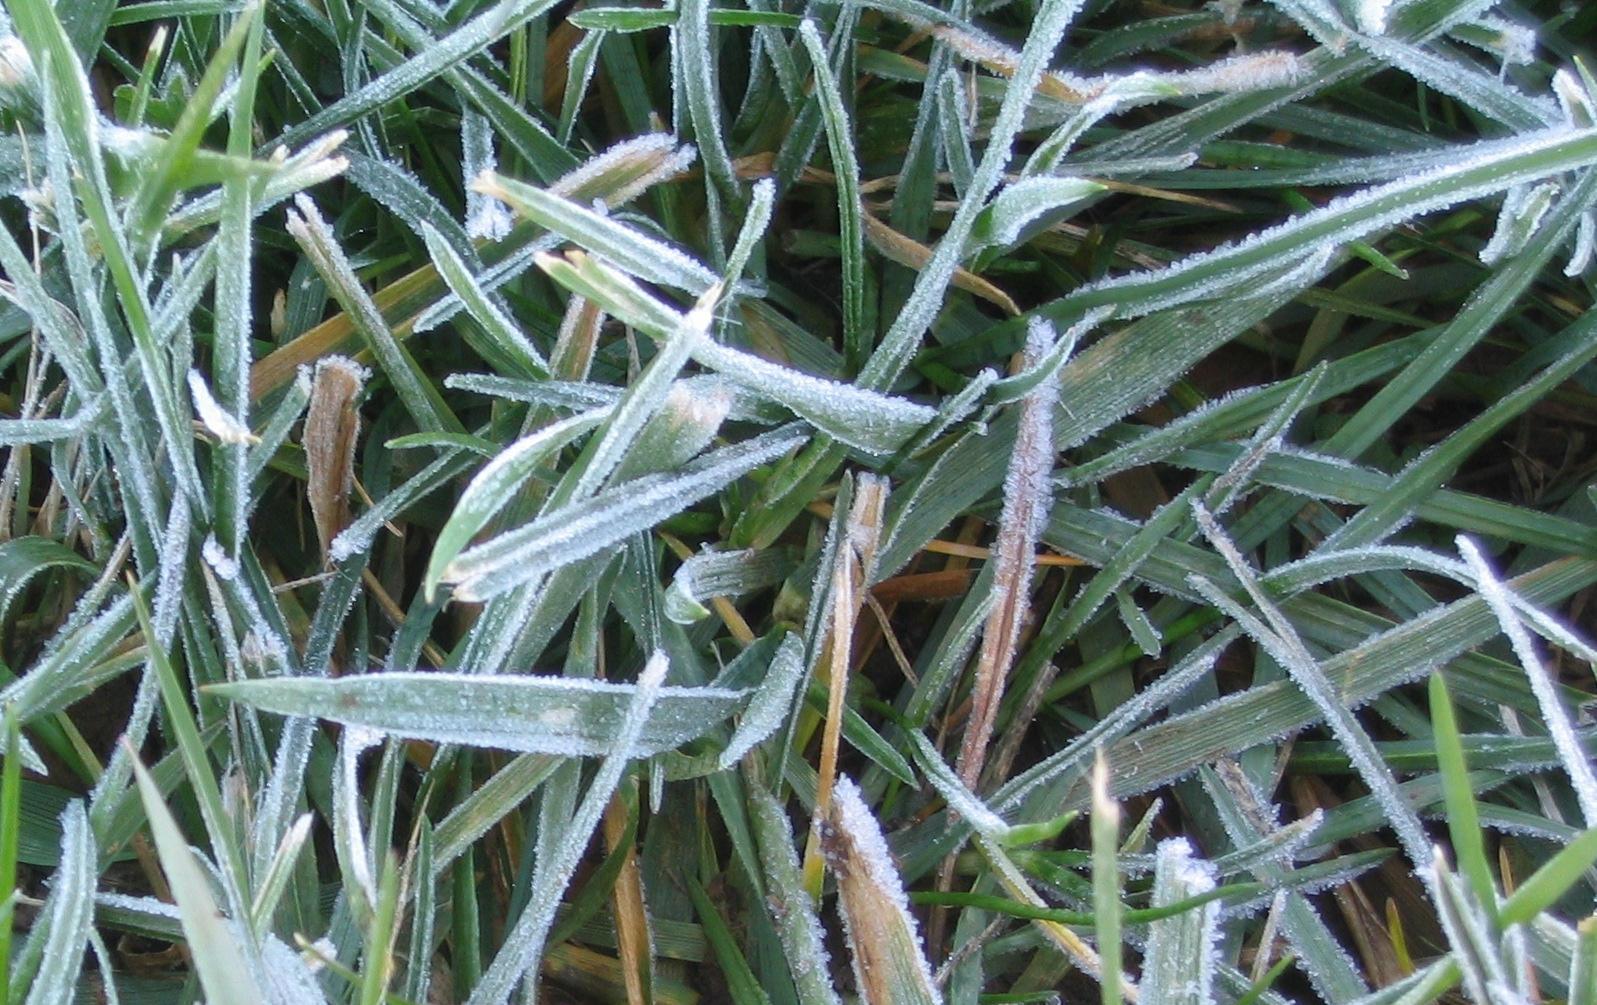 Frost on Grass by CrimsonDragoon on deviantART